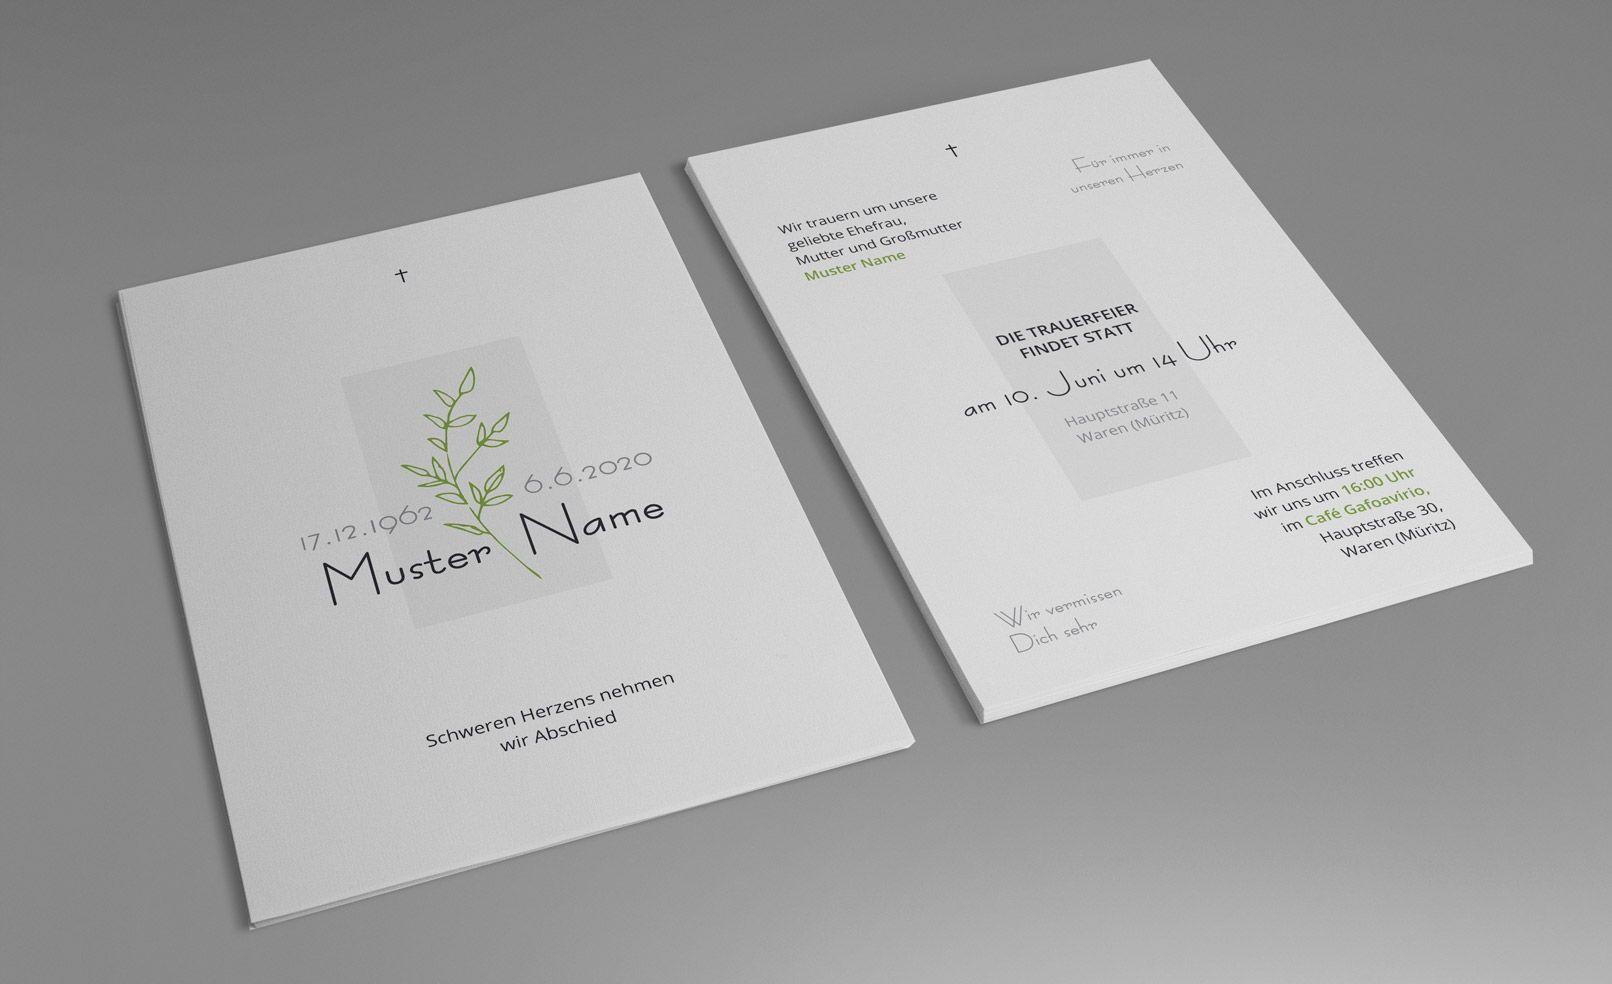 Trauerkarten Vorlagen Fur Einladungen Zu Beerdigung Und Trauerfeier In 2020 Trauerkarte Trauerfeier Trauerkarten Gestalten